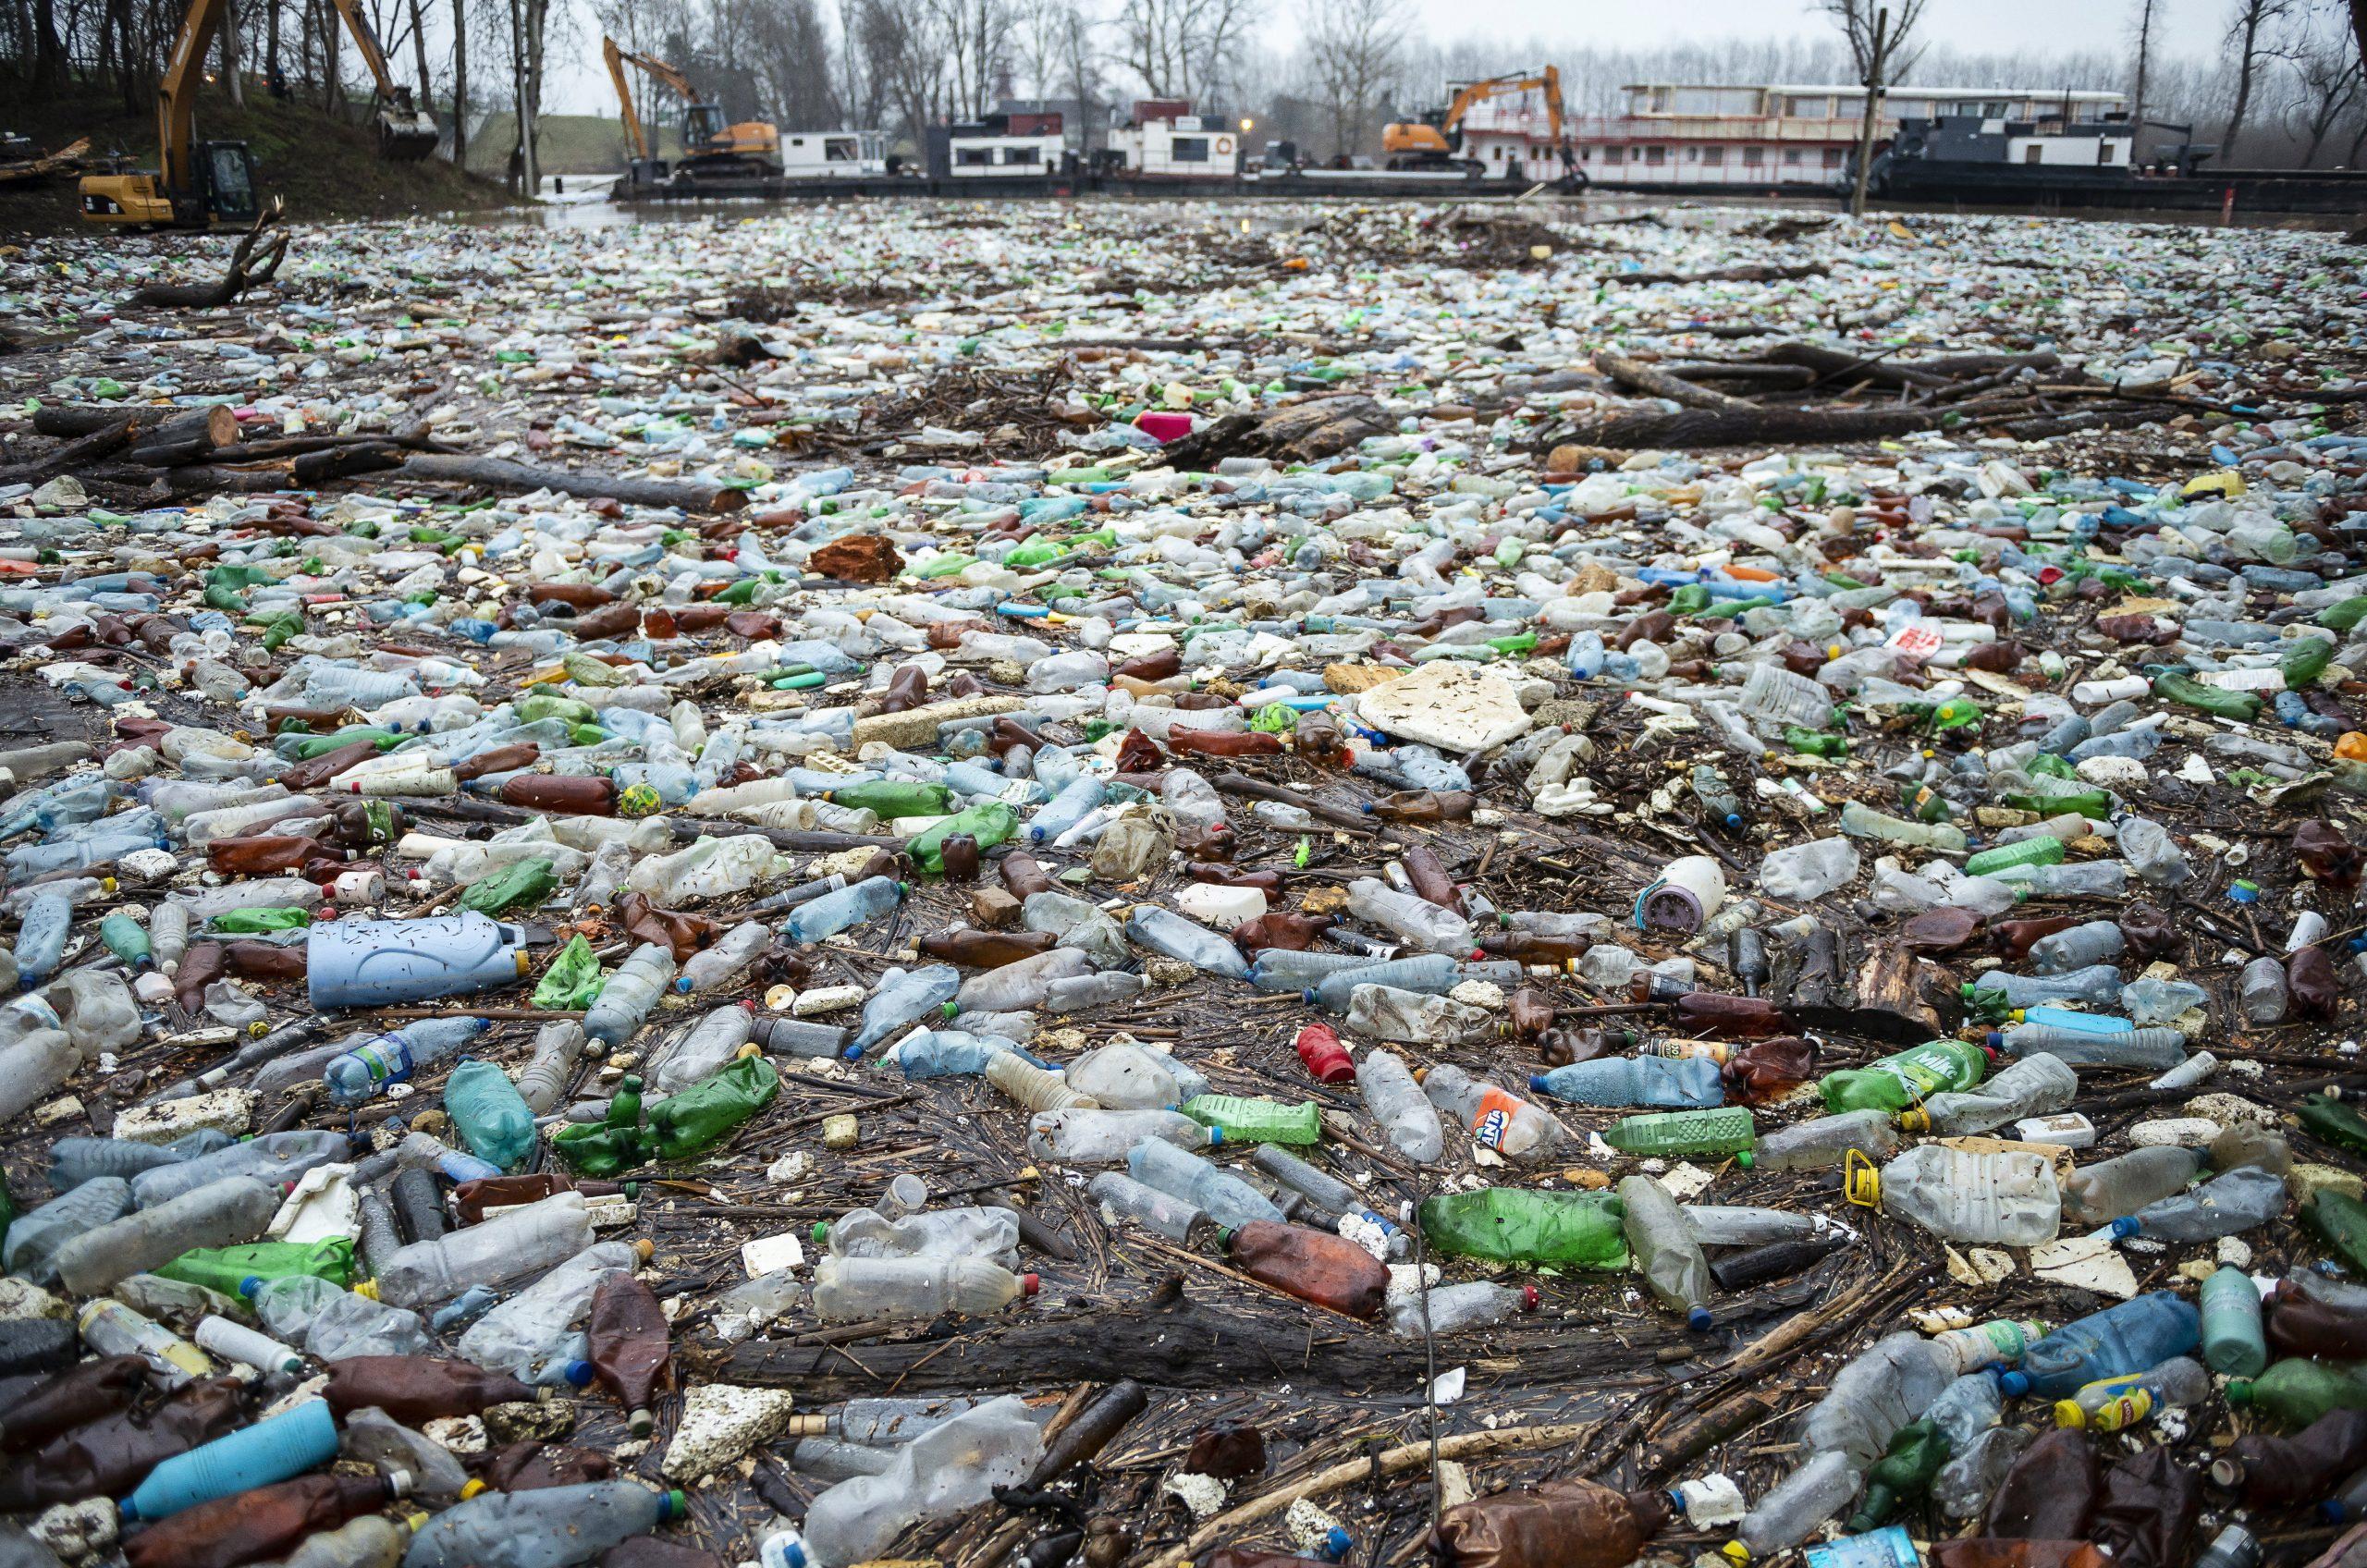 Jobbik erstattet Anzeige wegen Flussverschmutzung nahe der Ostgrenze